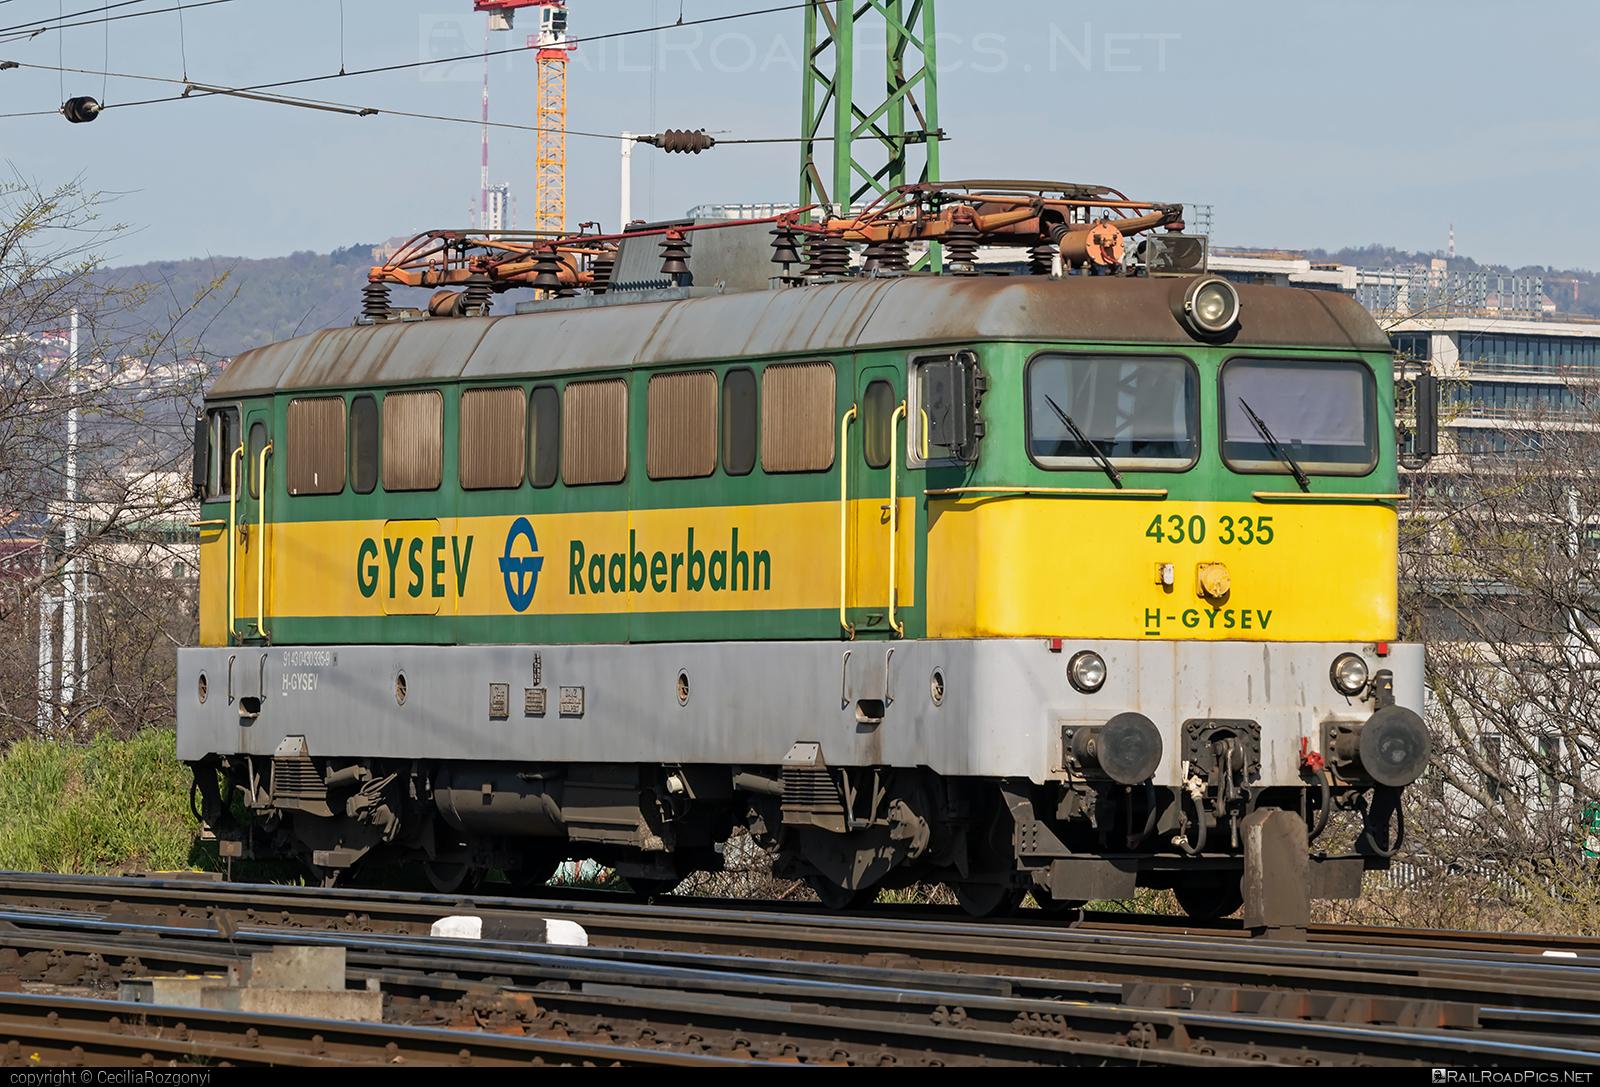 Ganz-MÁVAG VM14-14 - 430 335 operated by GYSEV - Györ-Sopron-Ebenfurti Vasut Részvénytarsasag #ganz43 #ganz431 #ganzmavag #ganzmavag43 #ganzmavag431 #ganzmavagvm1414 #gyorsopronebenfurtivasutreszvenytarsasag #gysev #raaberbahn #v43locomotive